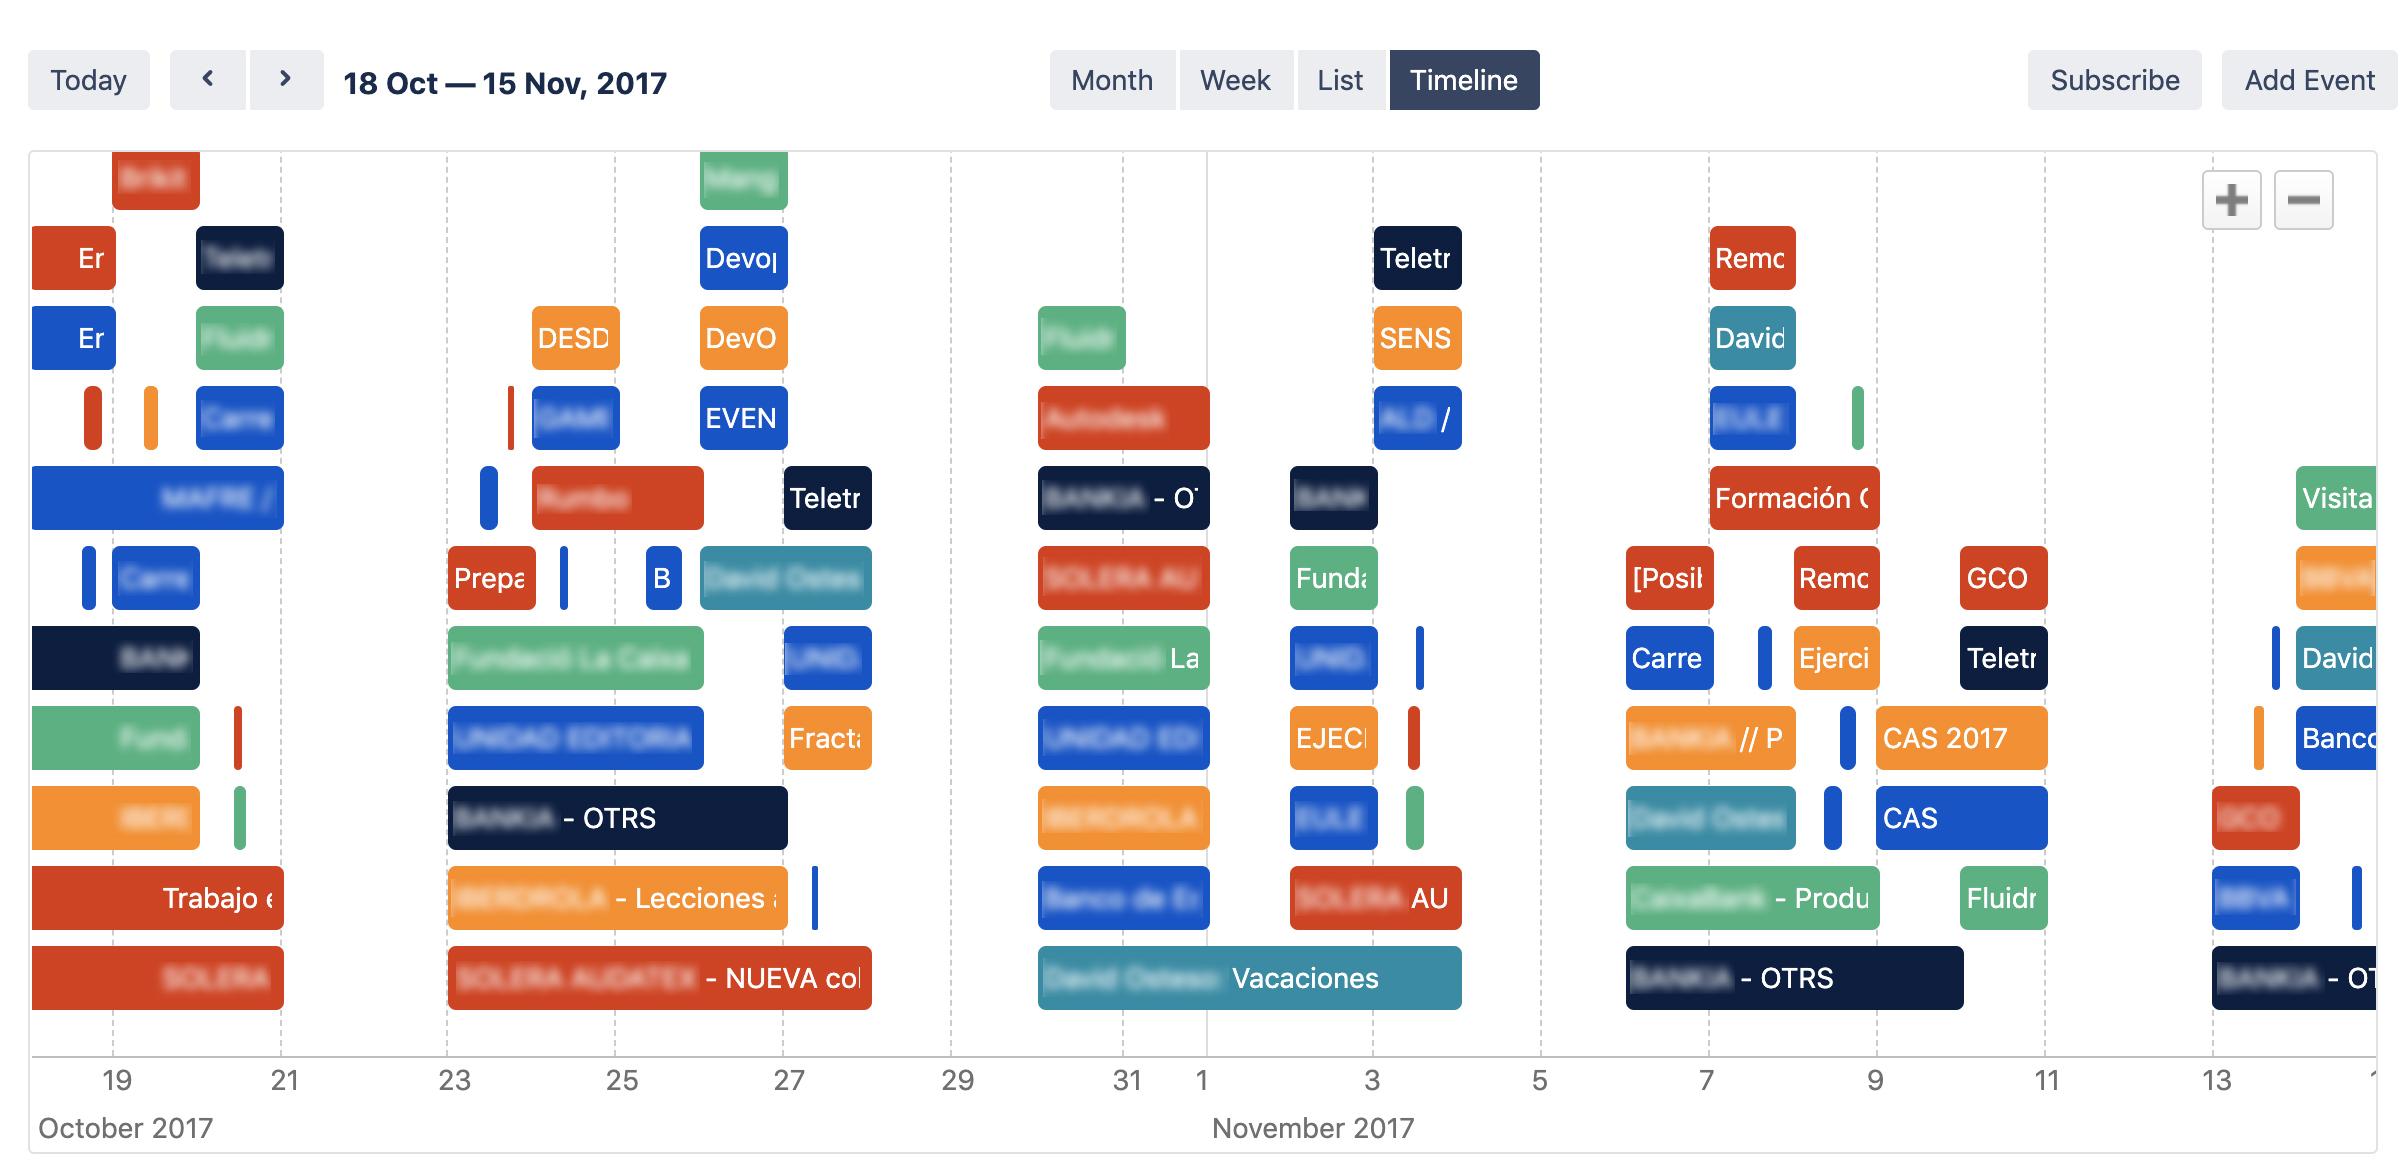 Full timeline calendar view